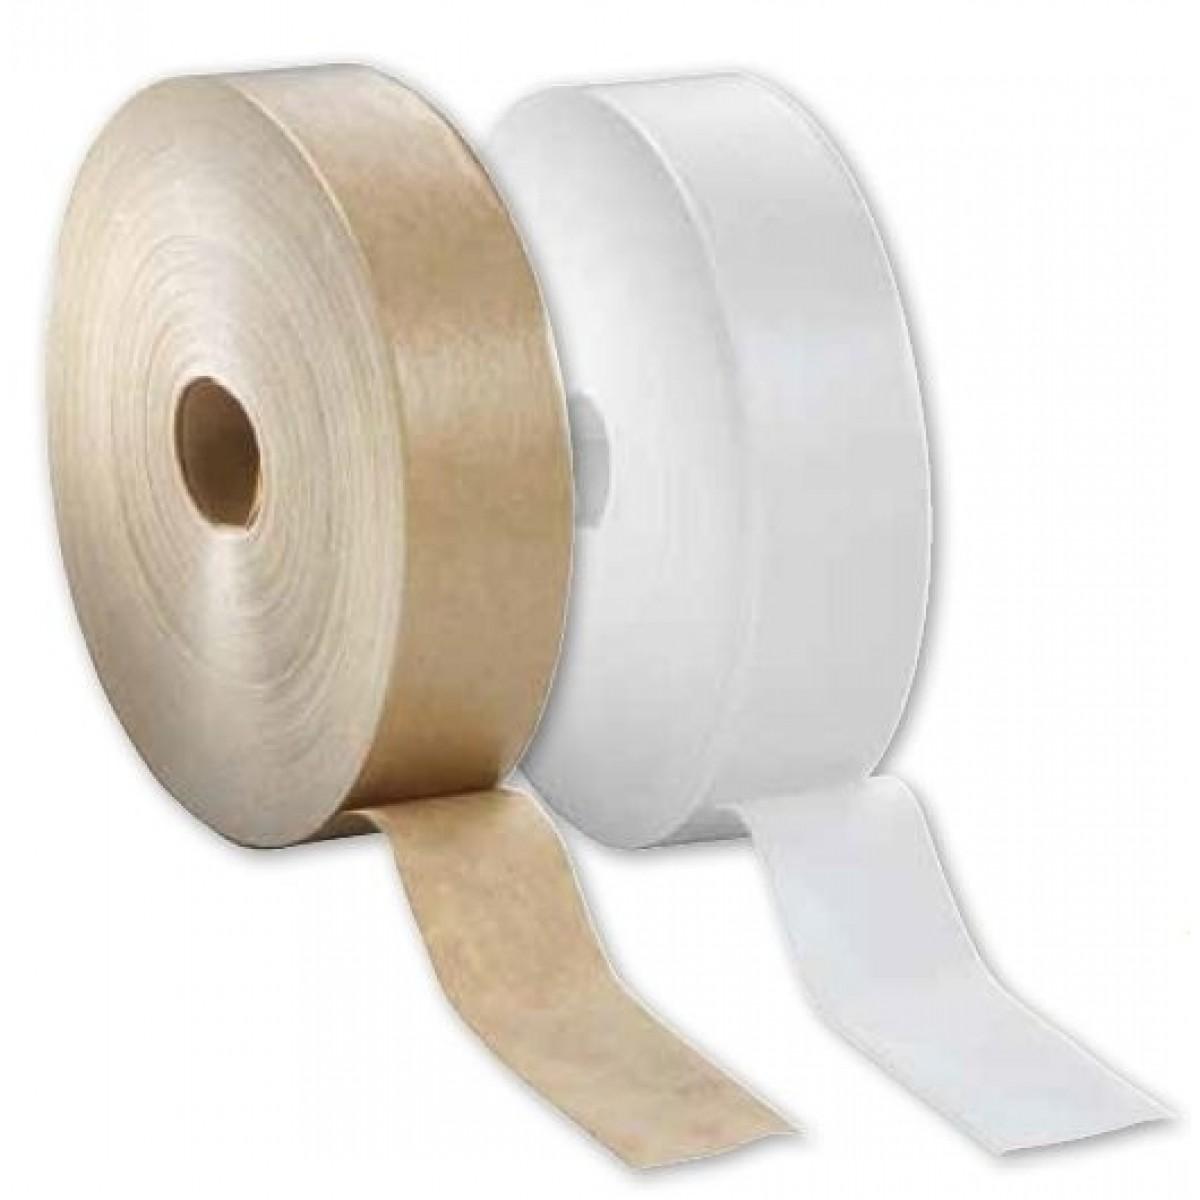 Akvarel tape